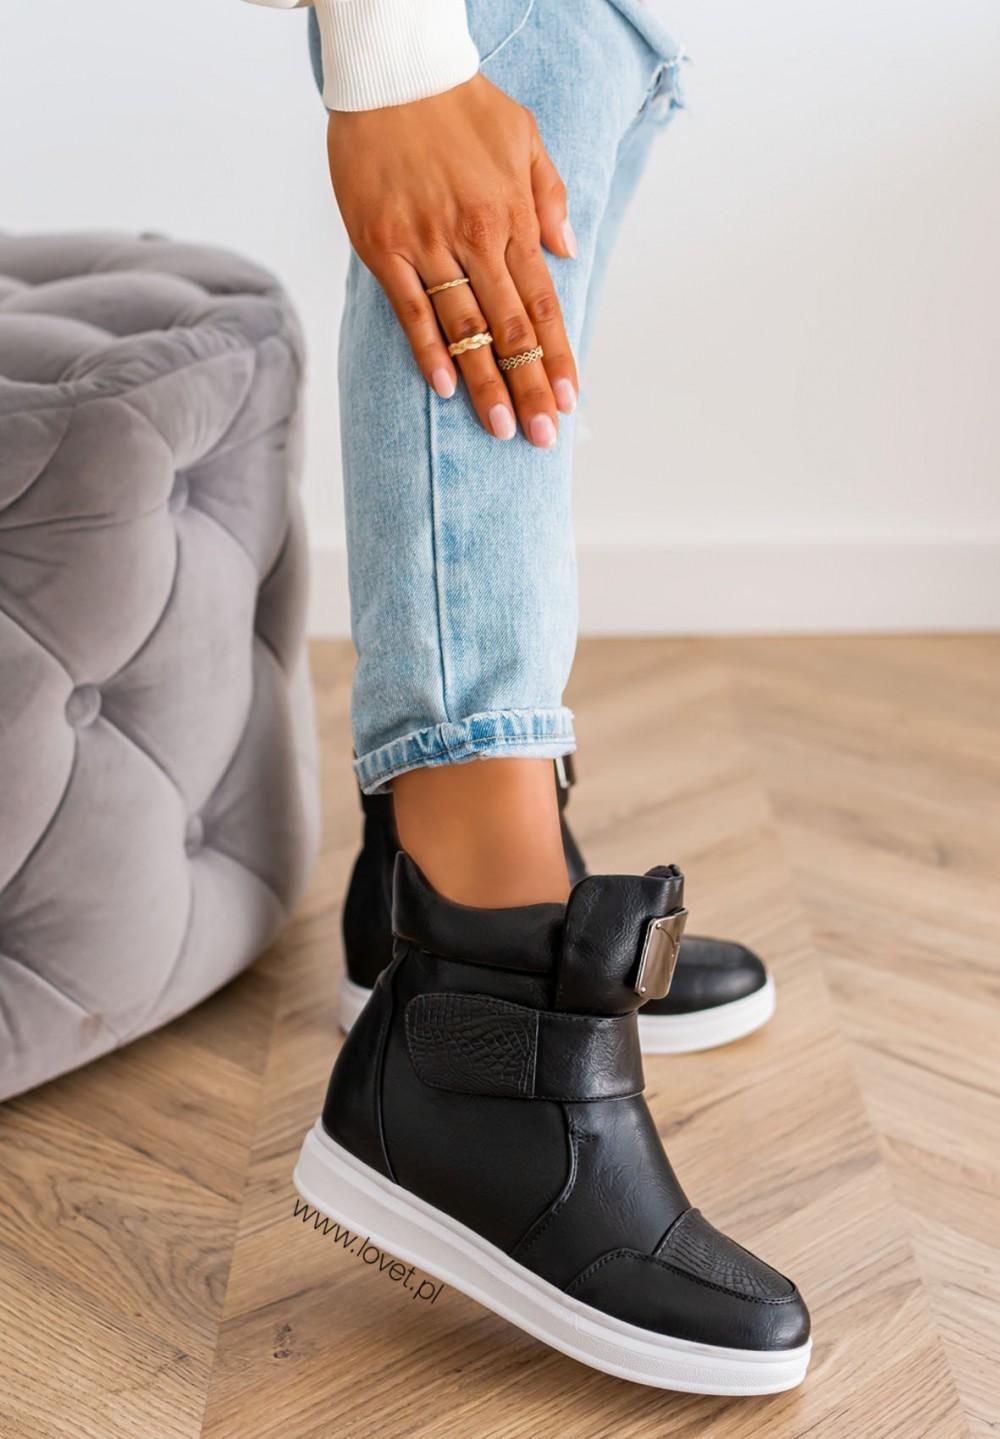 Sneakersy Wysokie Na Koturnie Croco Czarne Madnes